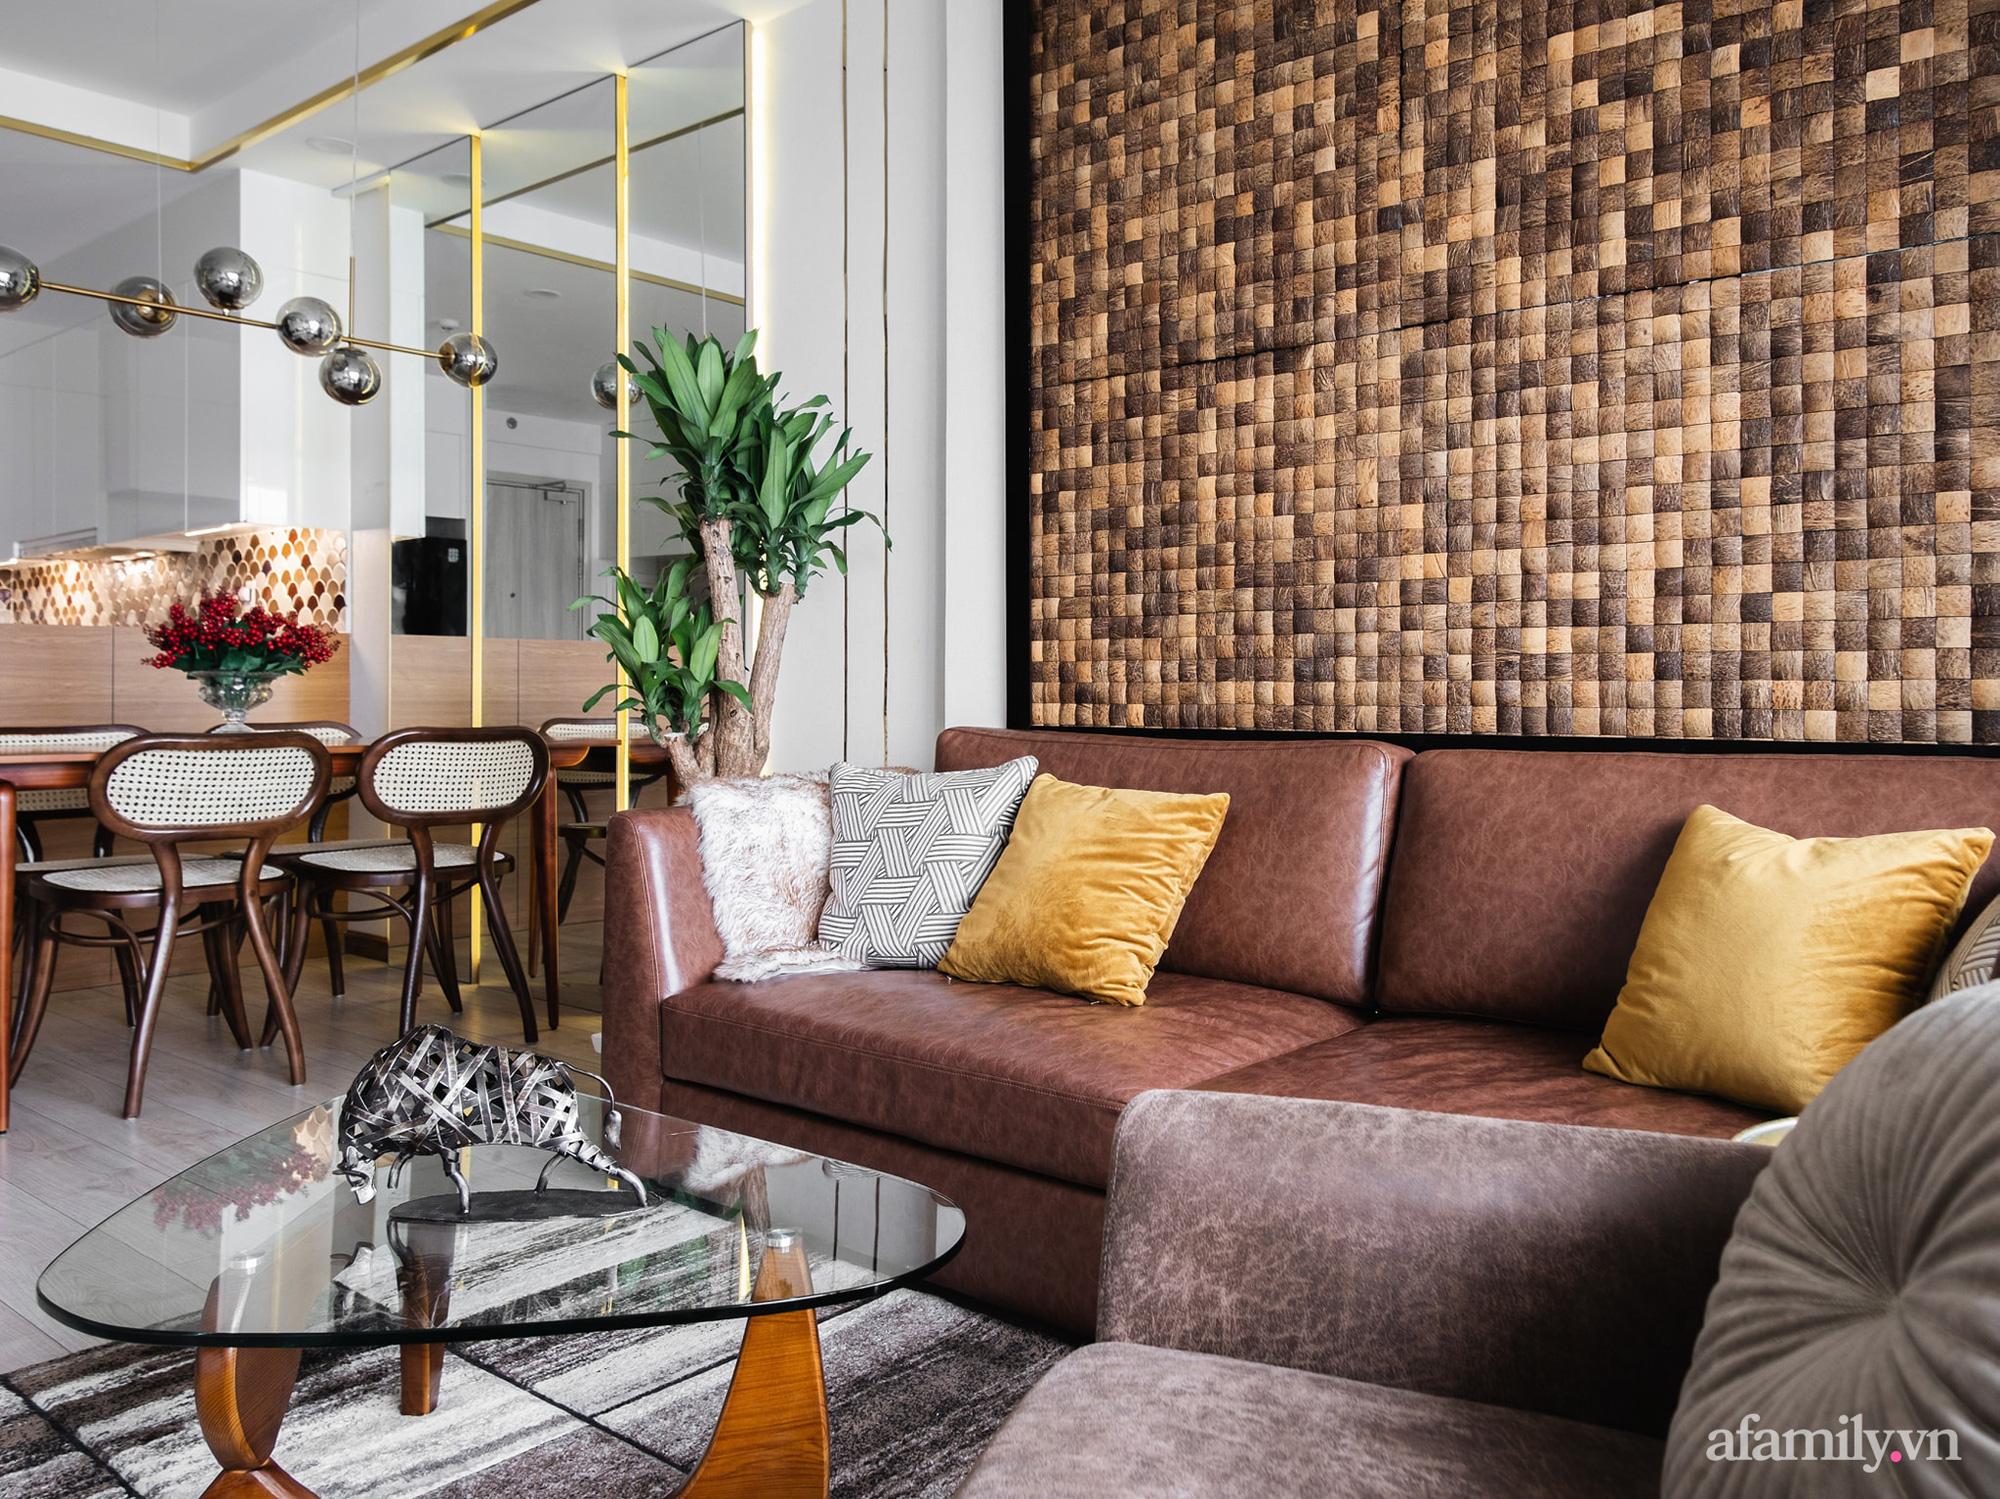 Căn hộ 70m² màu nâu trầm đẹp sang chảnh với chi phí hoàn thiện nội thất 400 triệu đồng ở Sài Gòn - Ảnh 3.